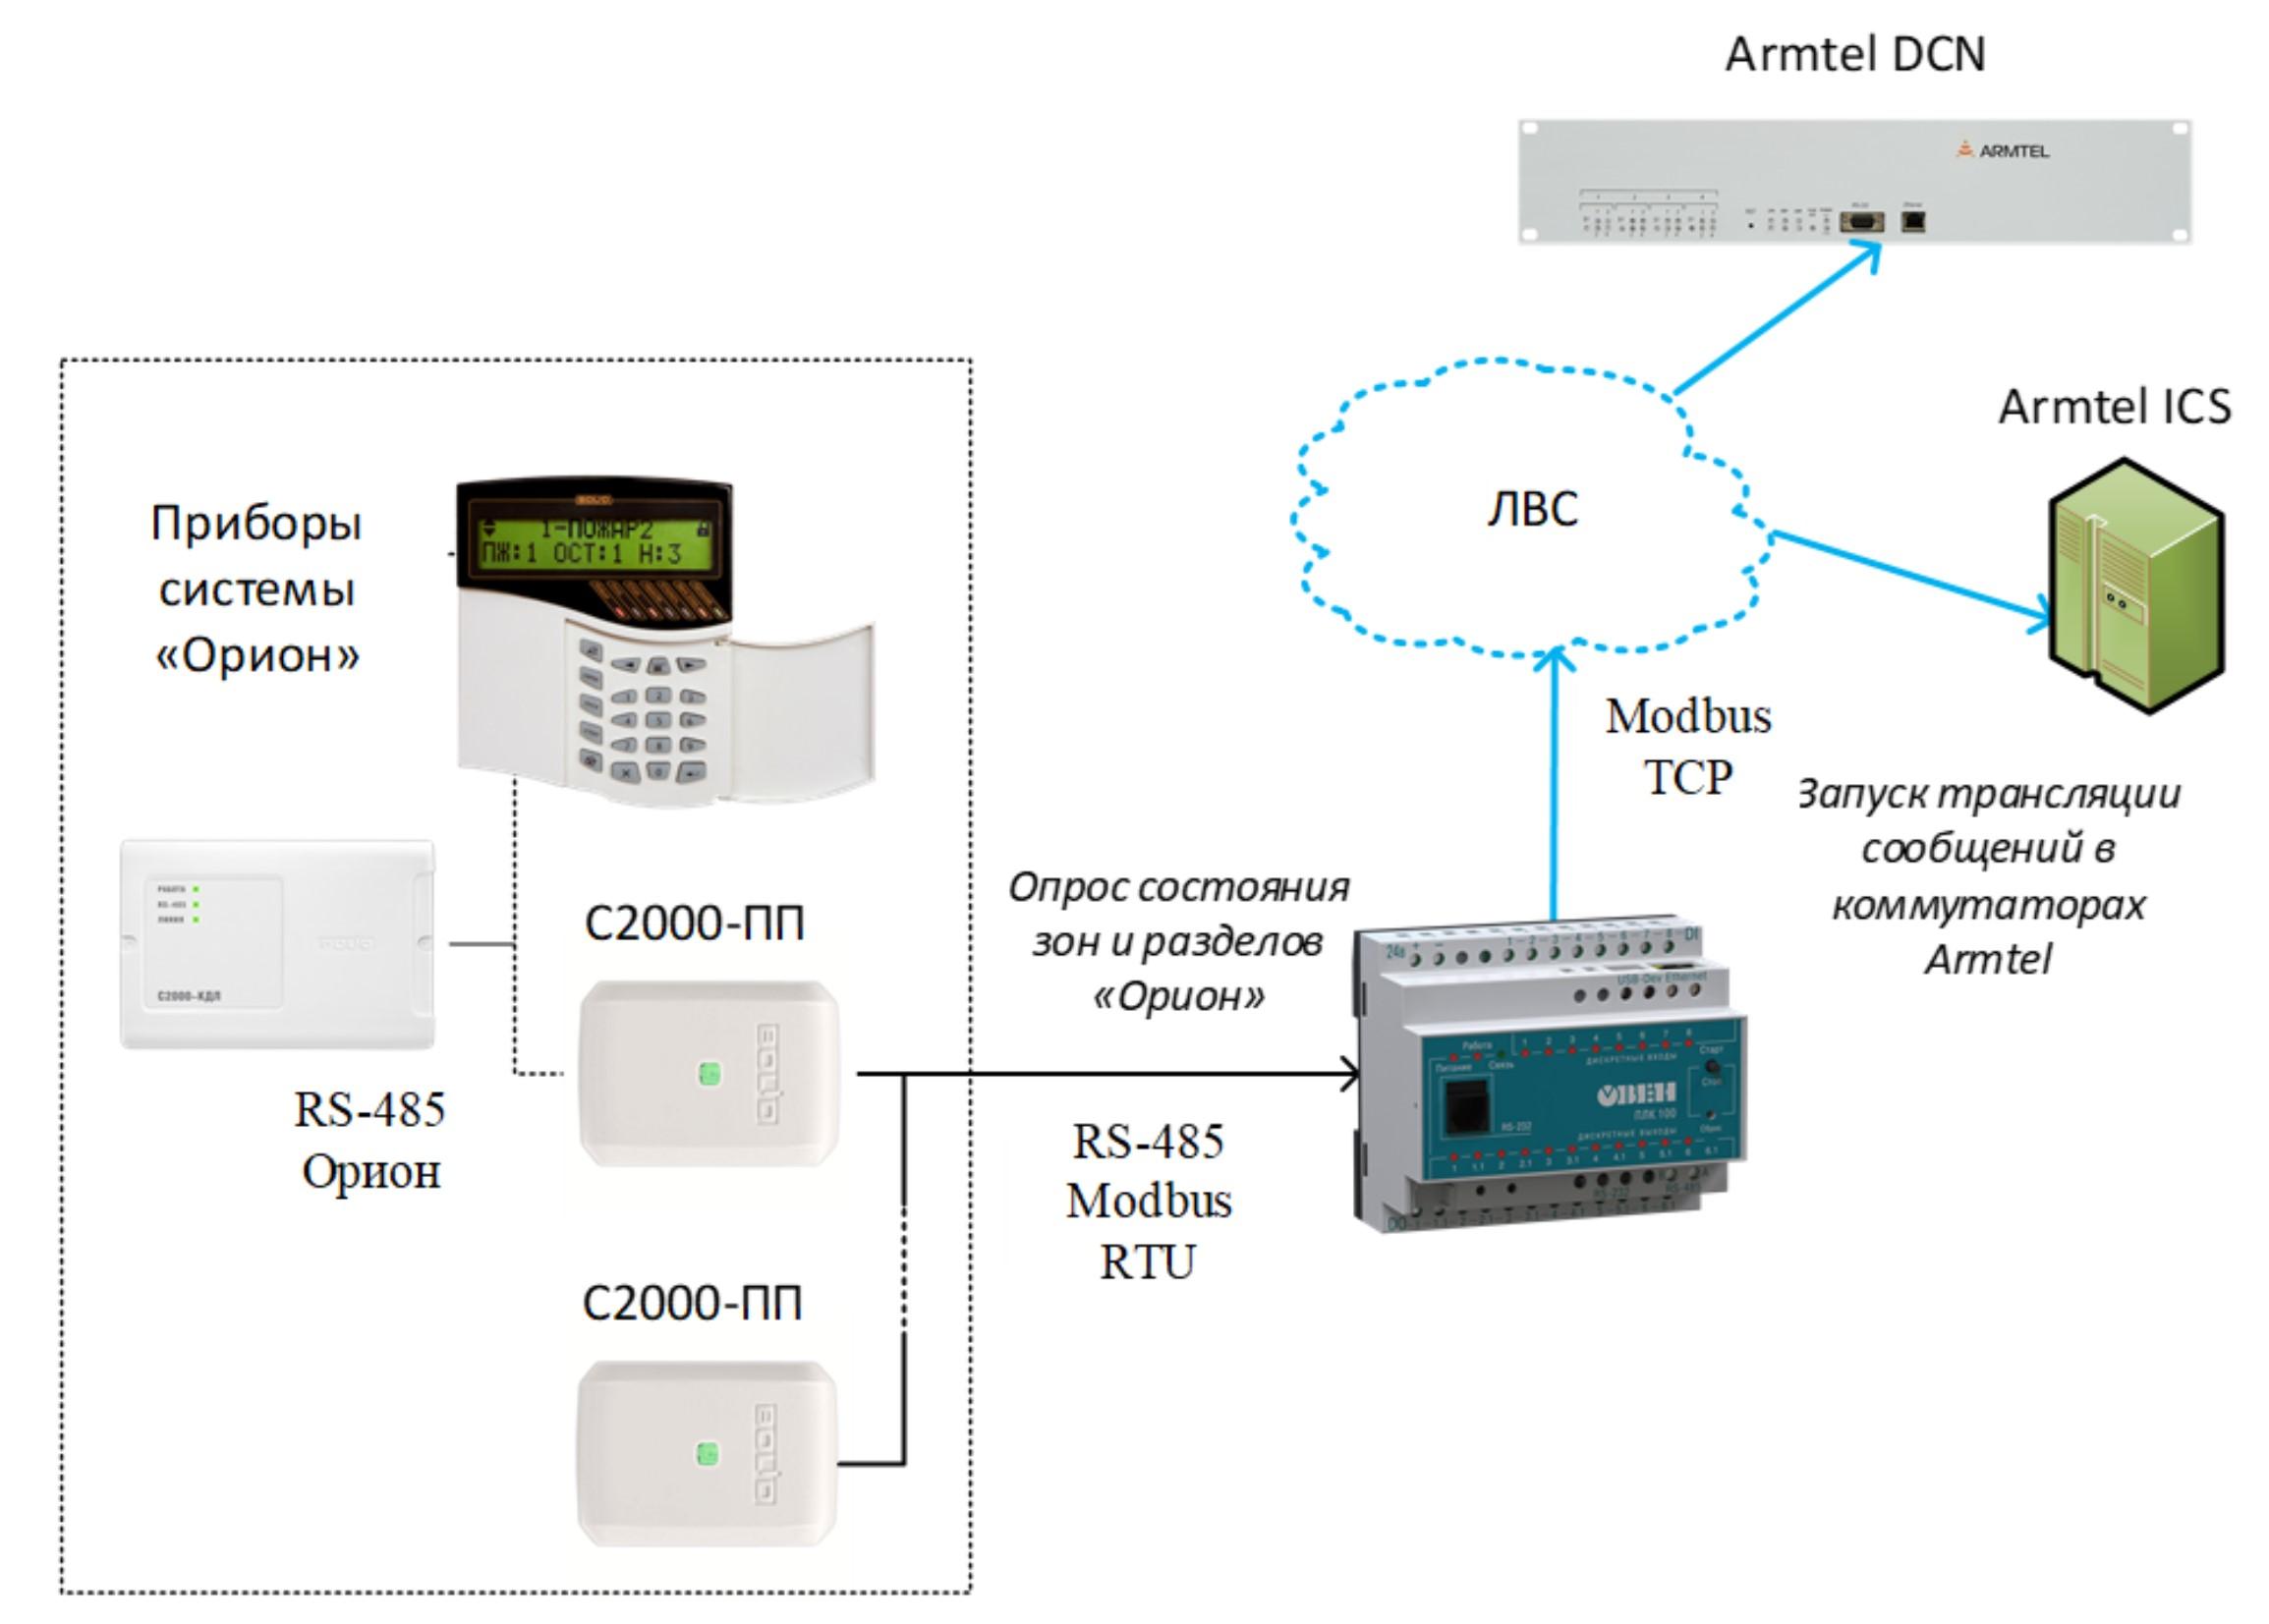 Интеграция систем Armtel ICS и DCN с ИСО «Орион» компании «Болид». Описание технического решения.